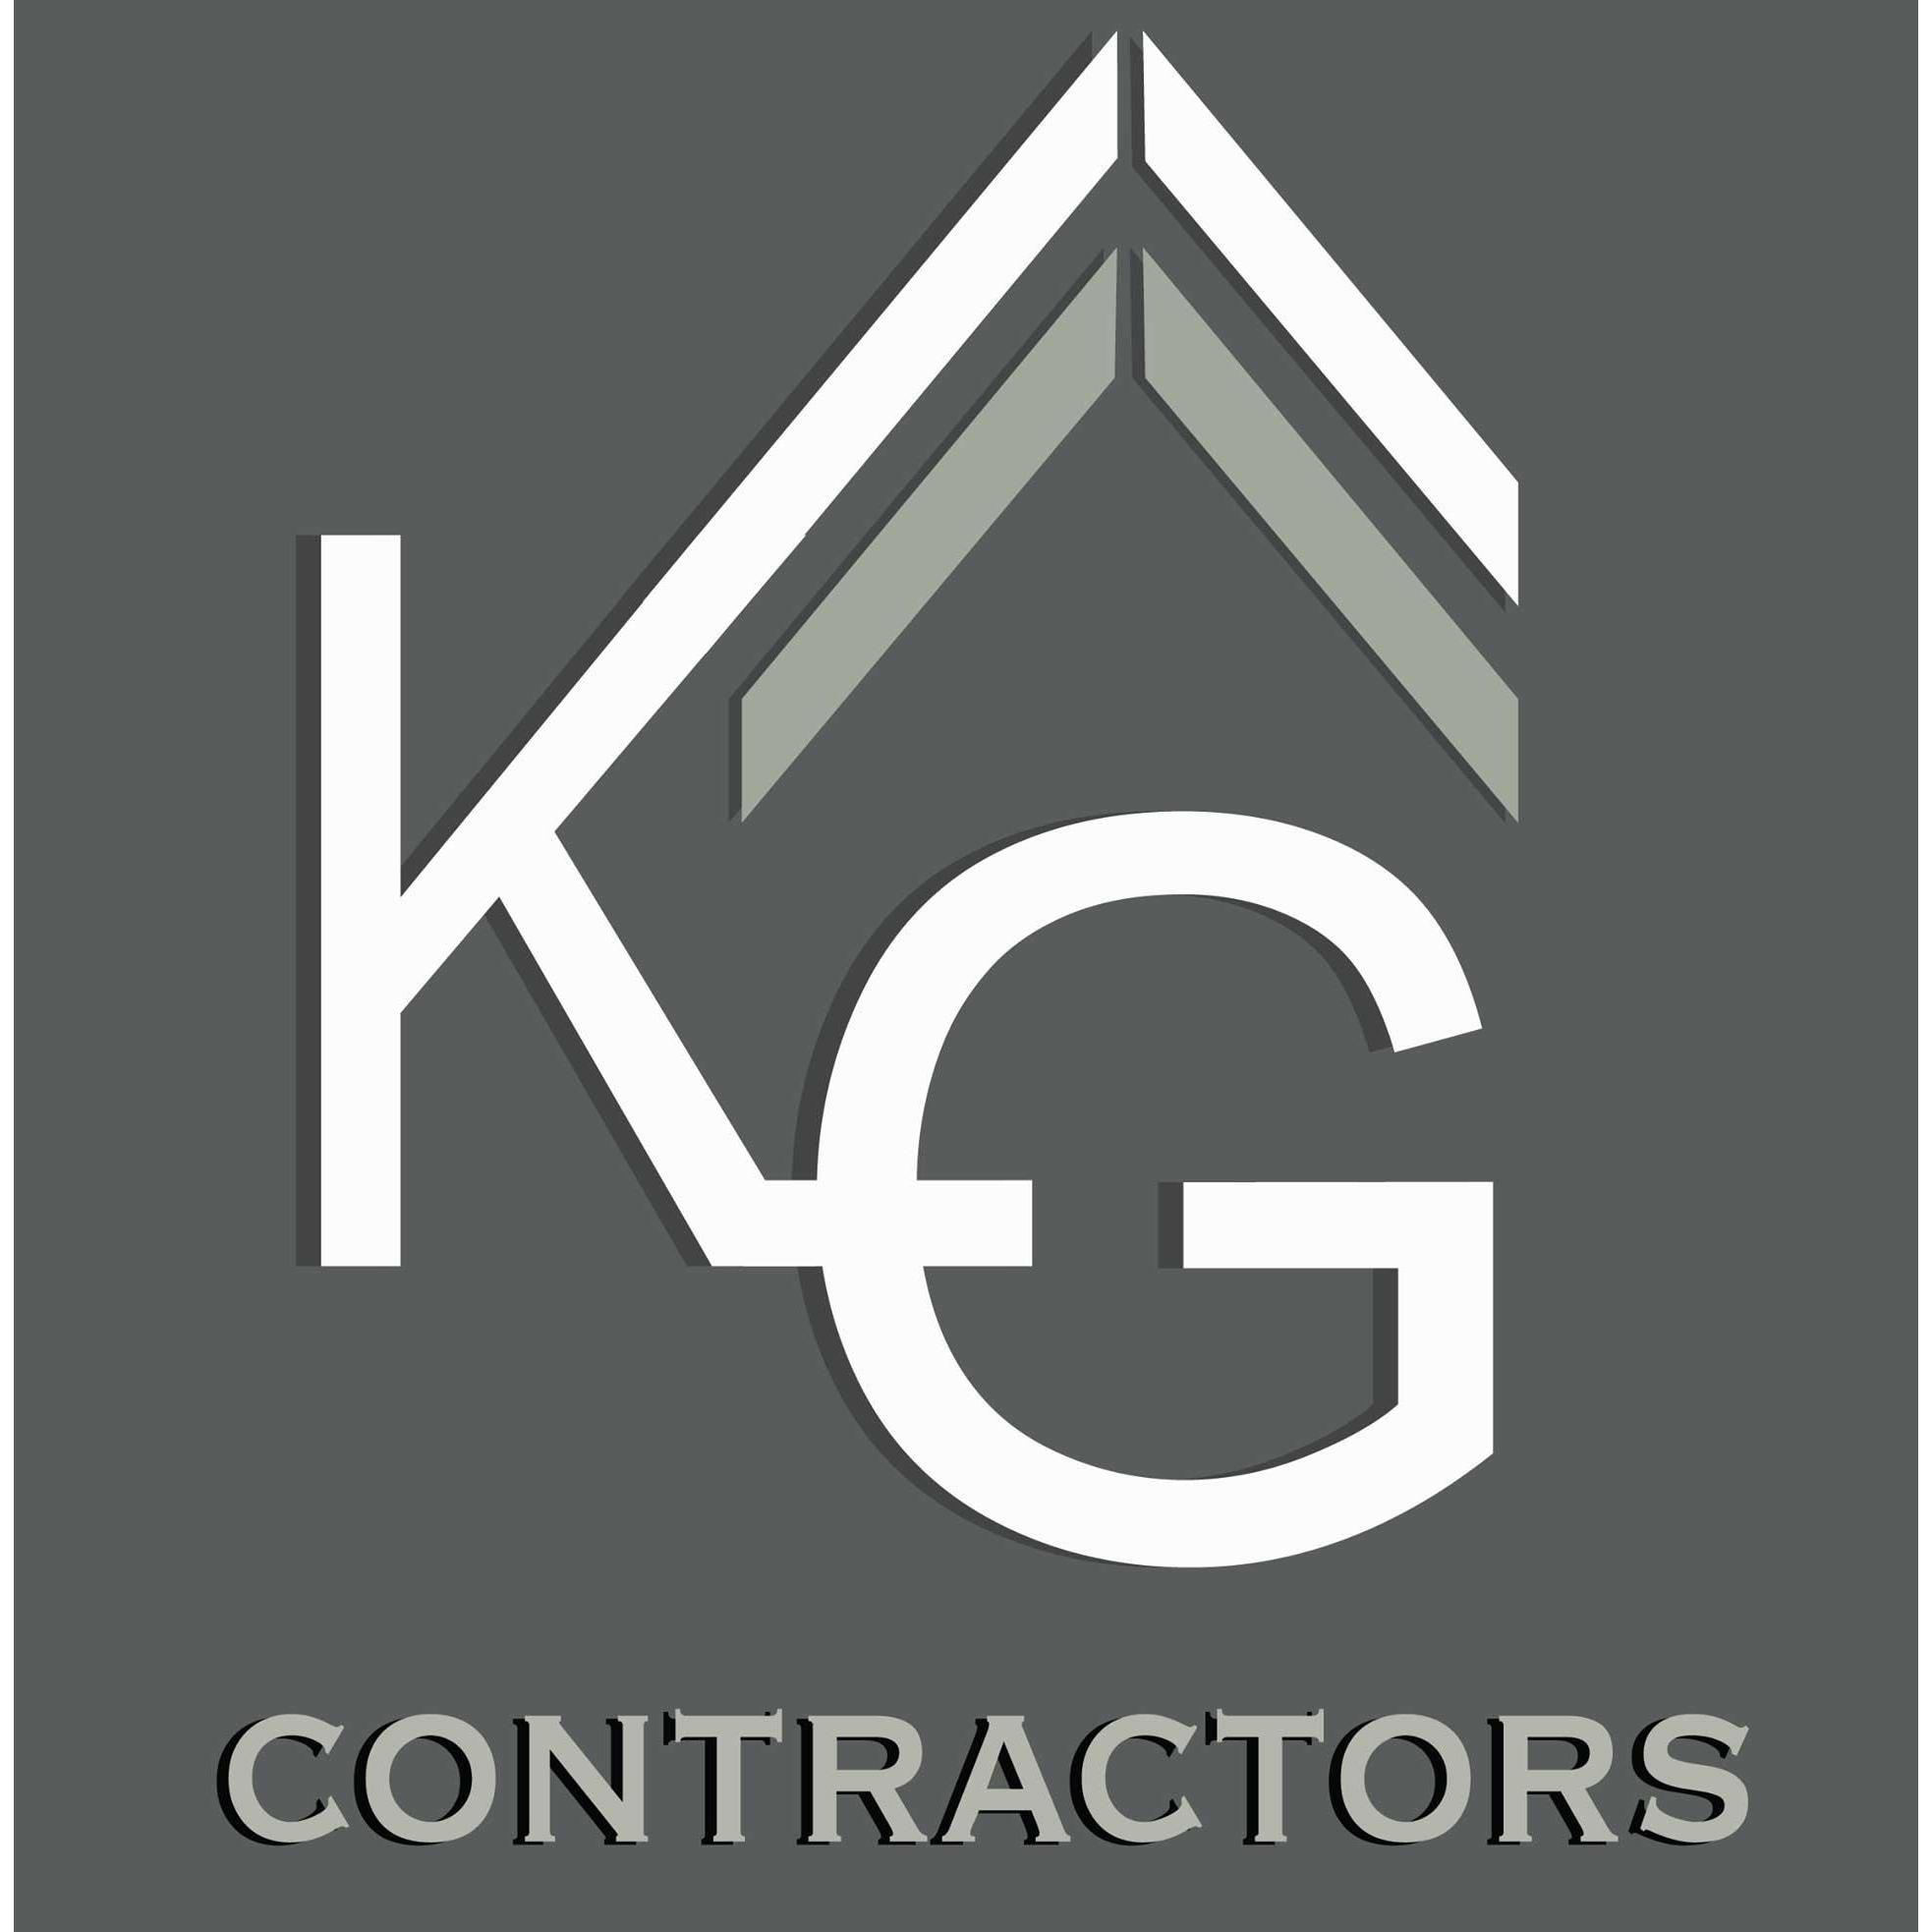 K&G Contractors, LLC